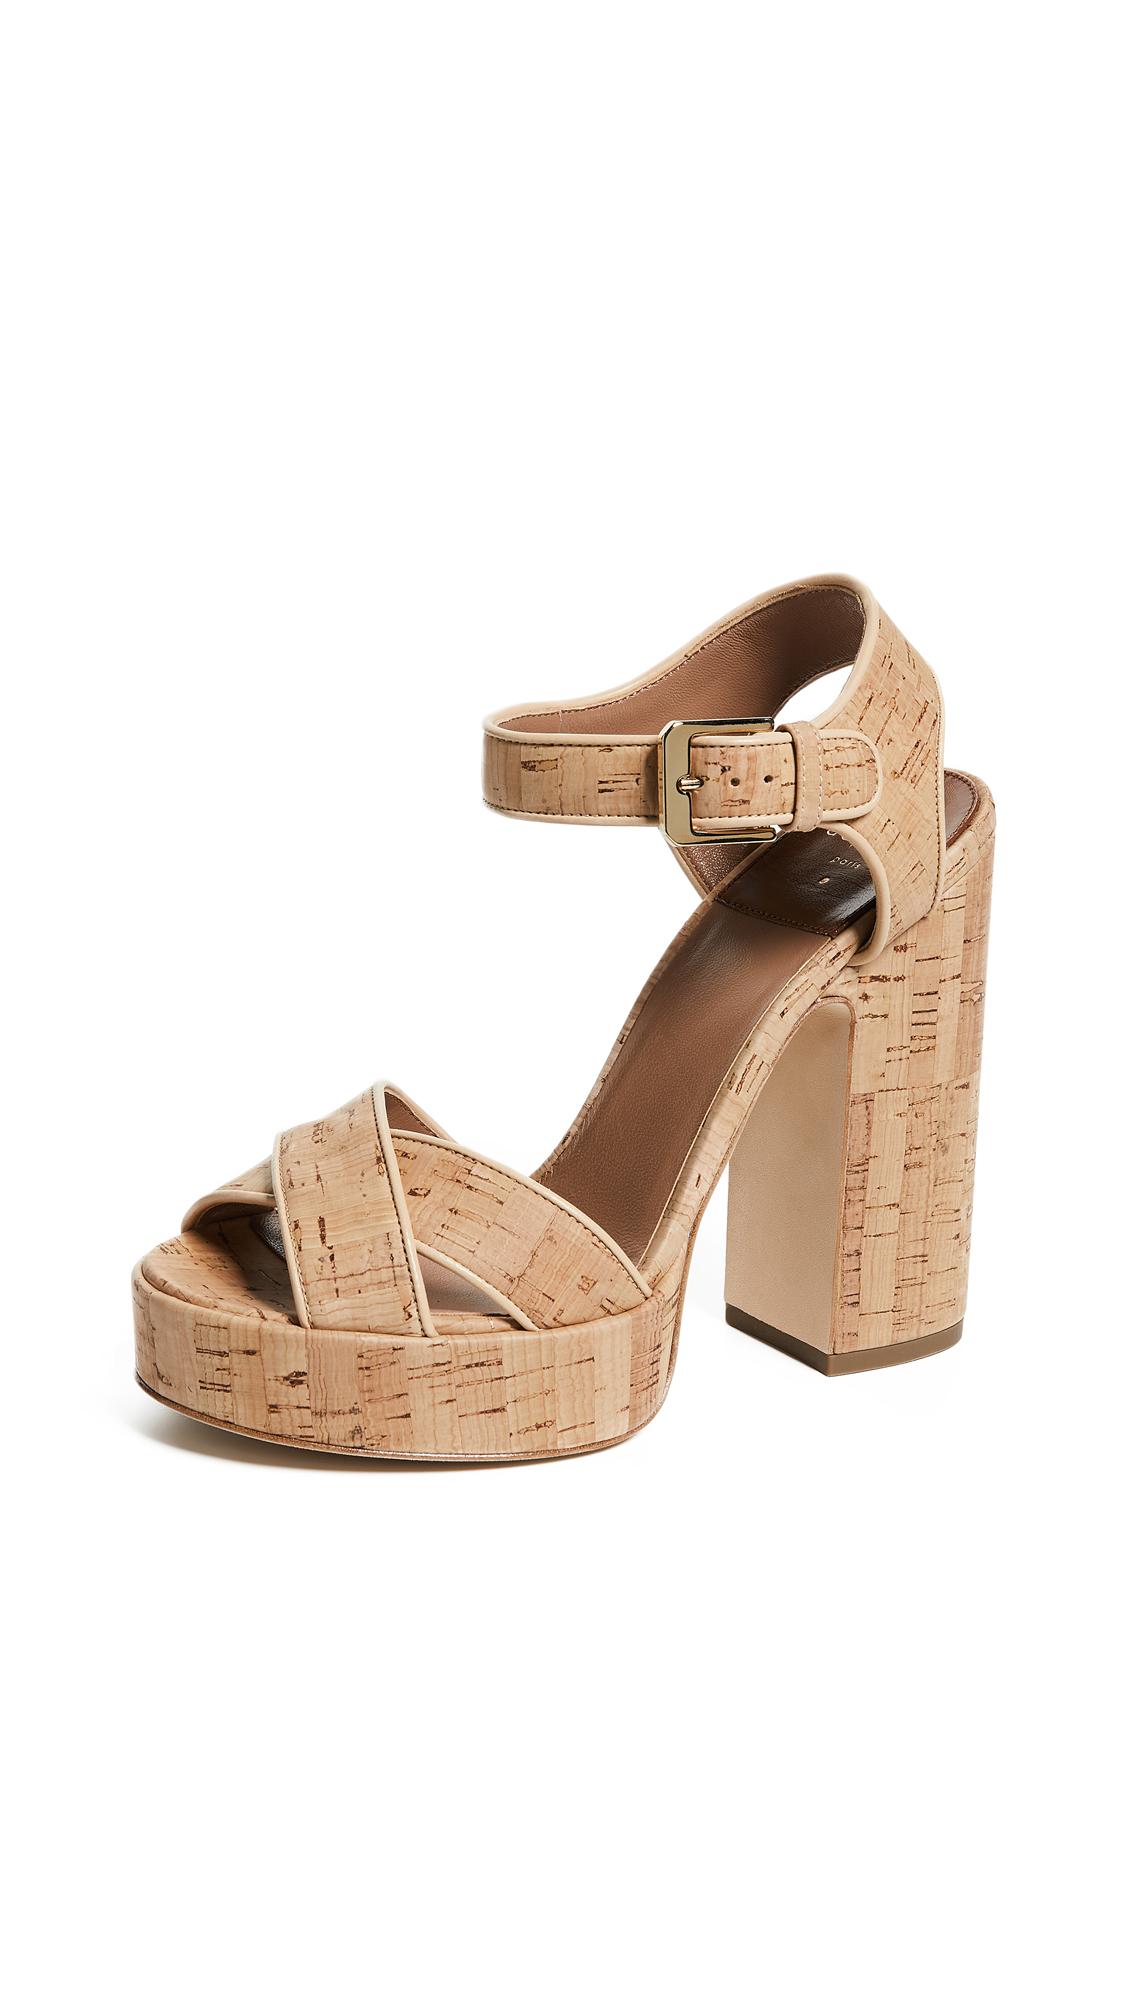 Laurence Dacade Rosange Platform Sandals - Natural